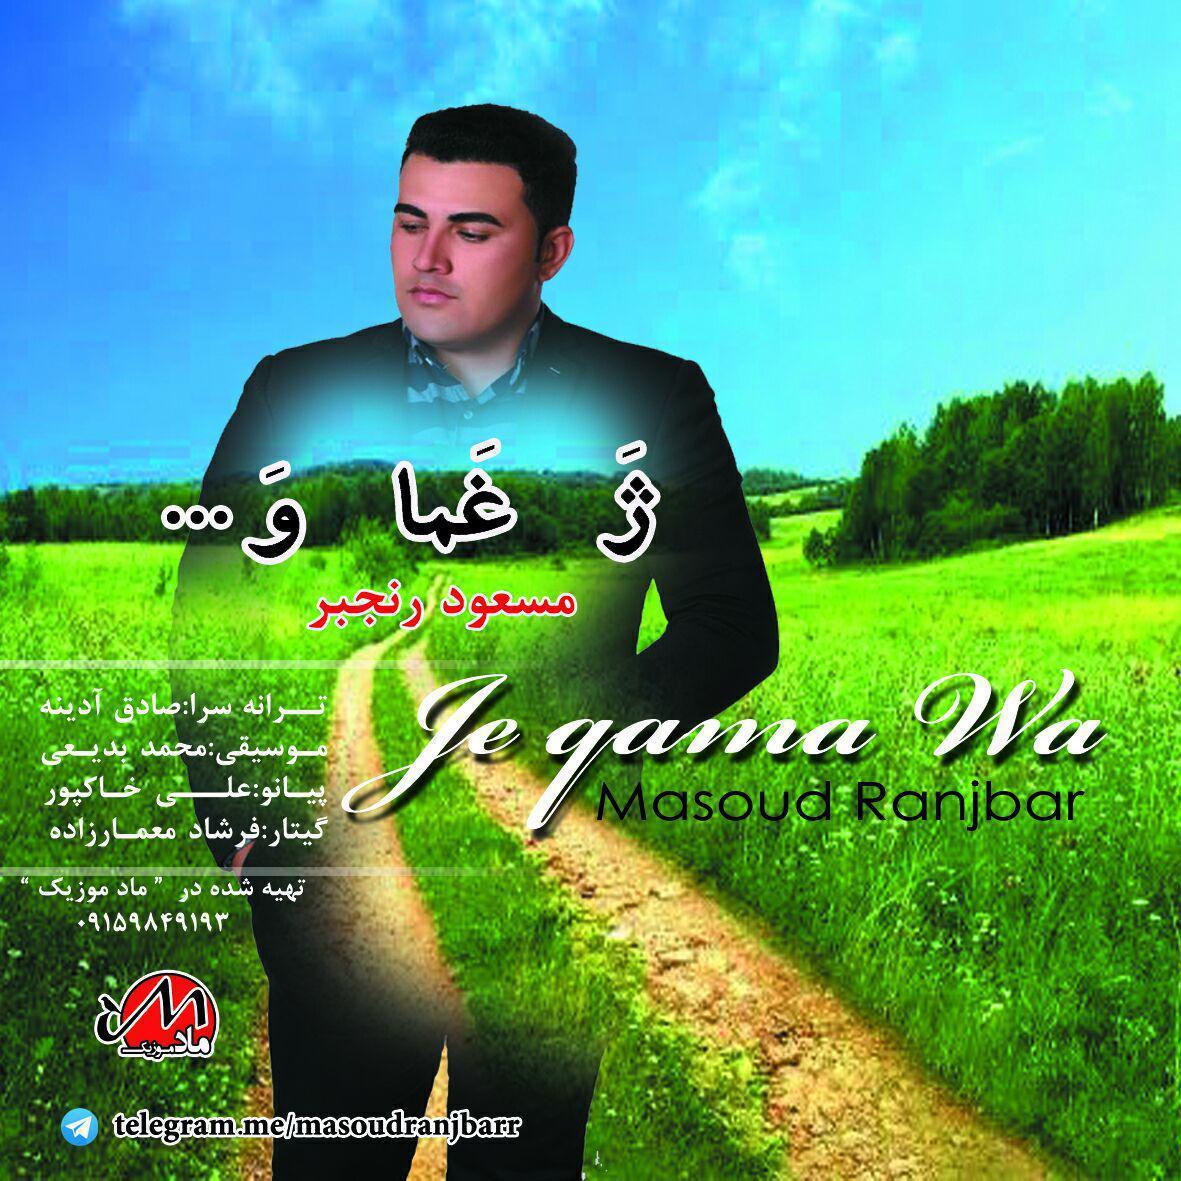 آهنگ جدید و بسیارزیبا از مسعودرنجبر به نام ژه غما وه دخینم